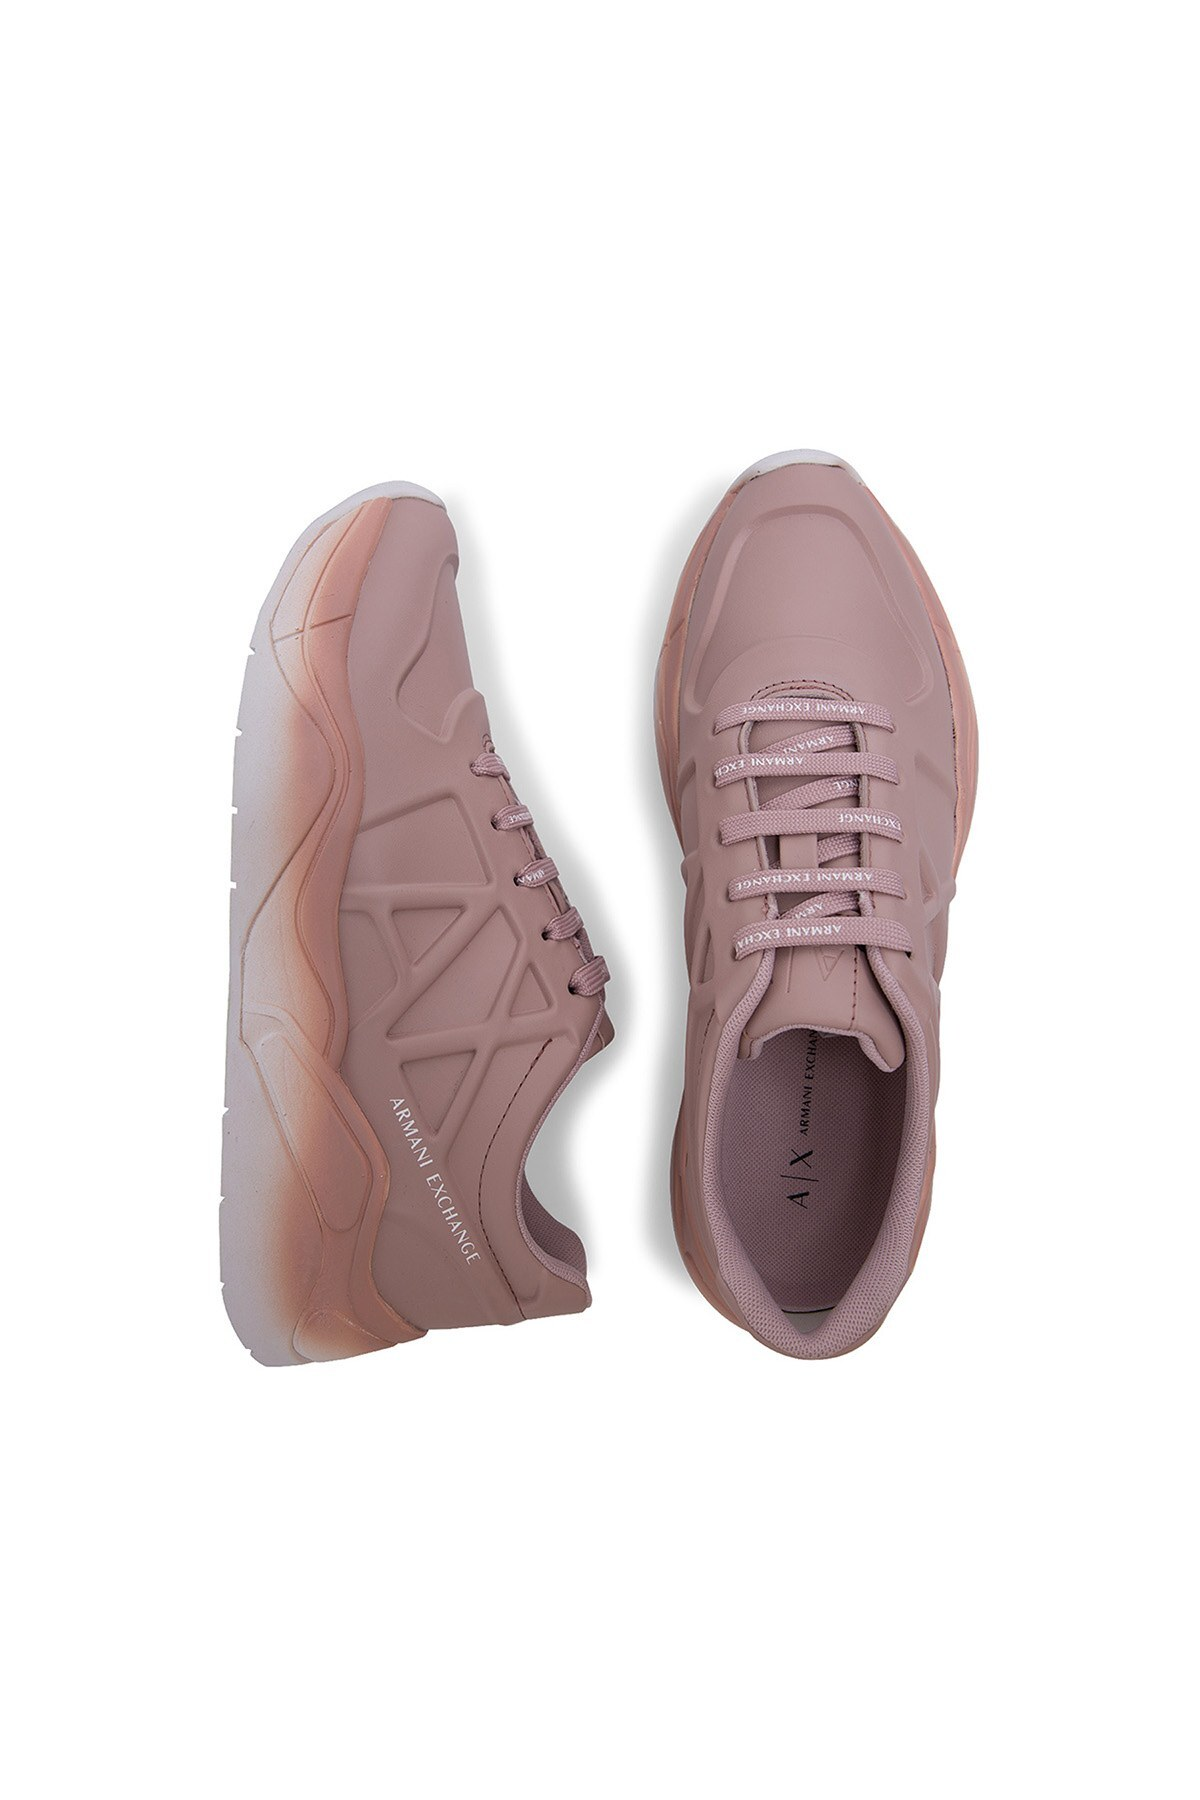 Armani Exchange Bayan Ayakkabı XDX036 XV304 00318 PUDRA